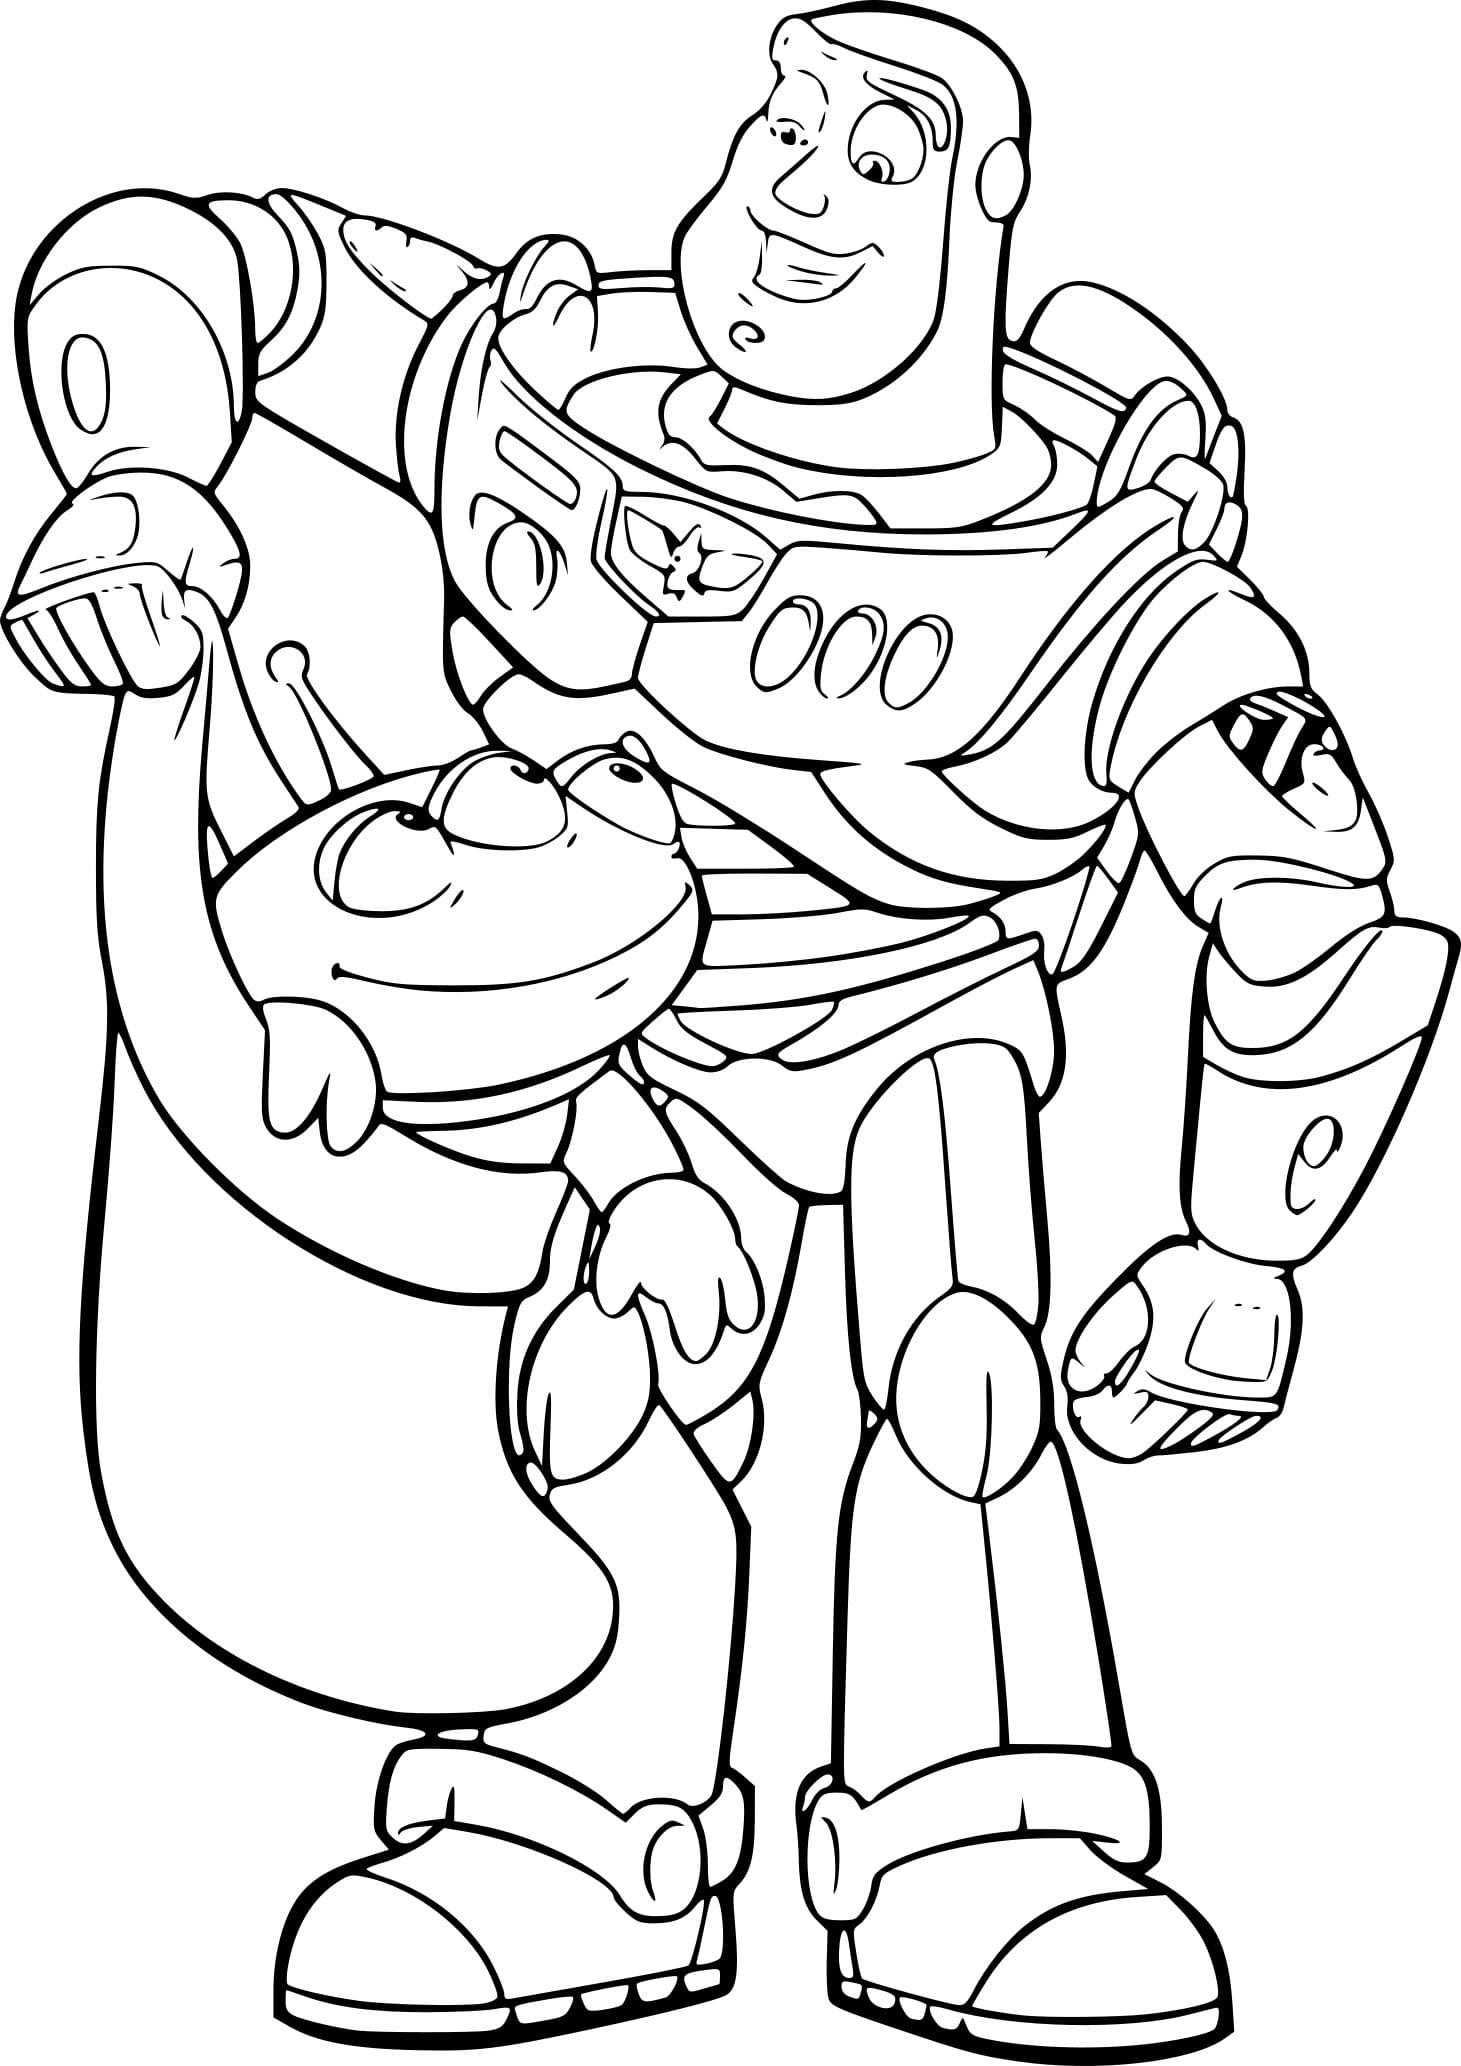 Disegni di Toy Story da colorare. Stampa gratis per i bambini